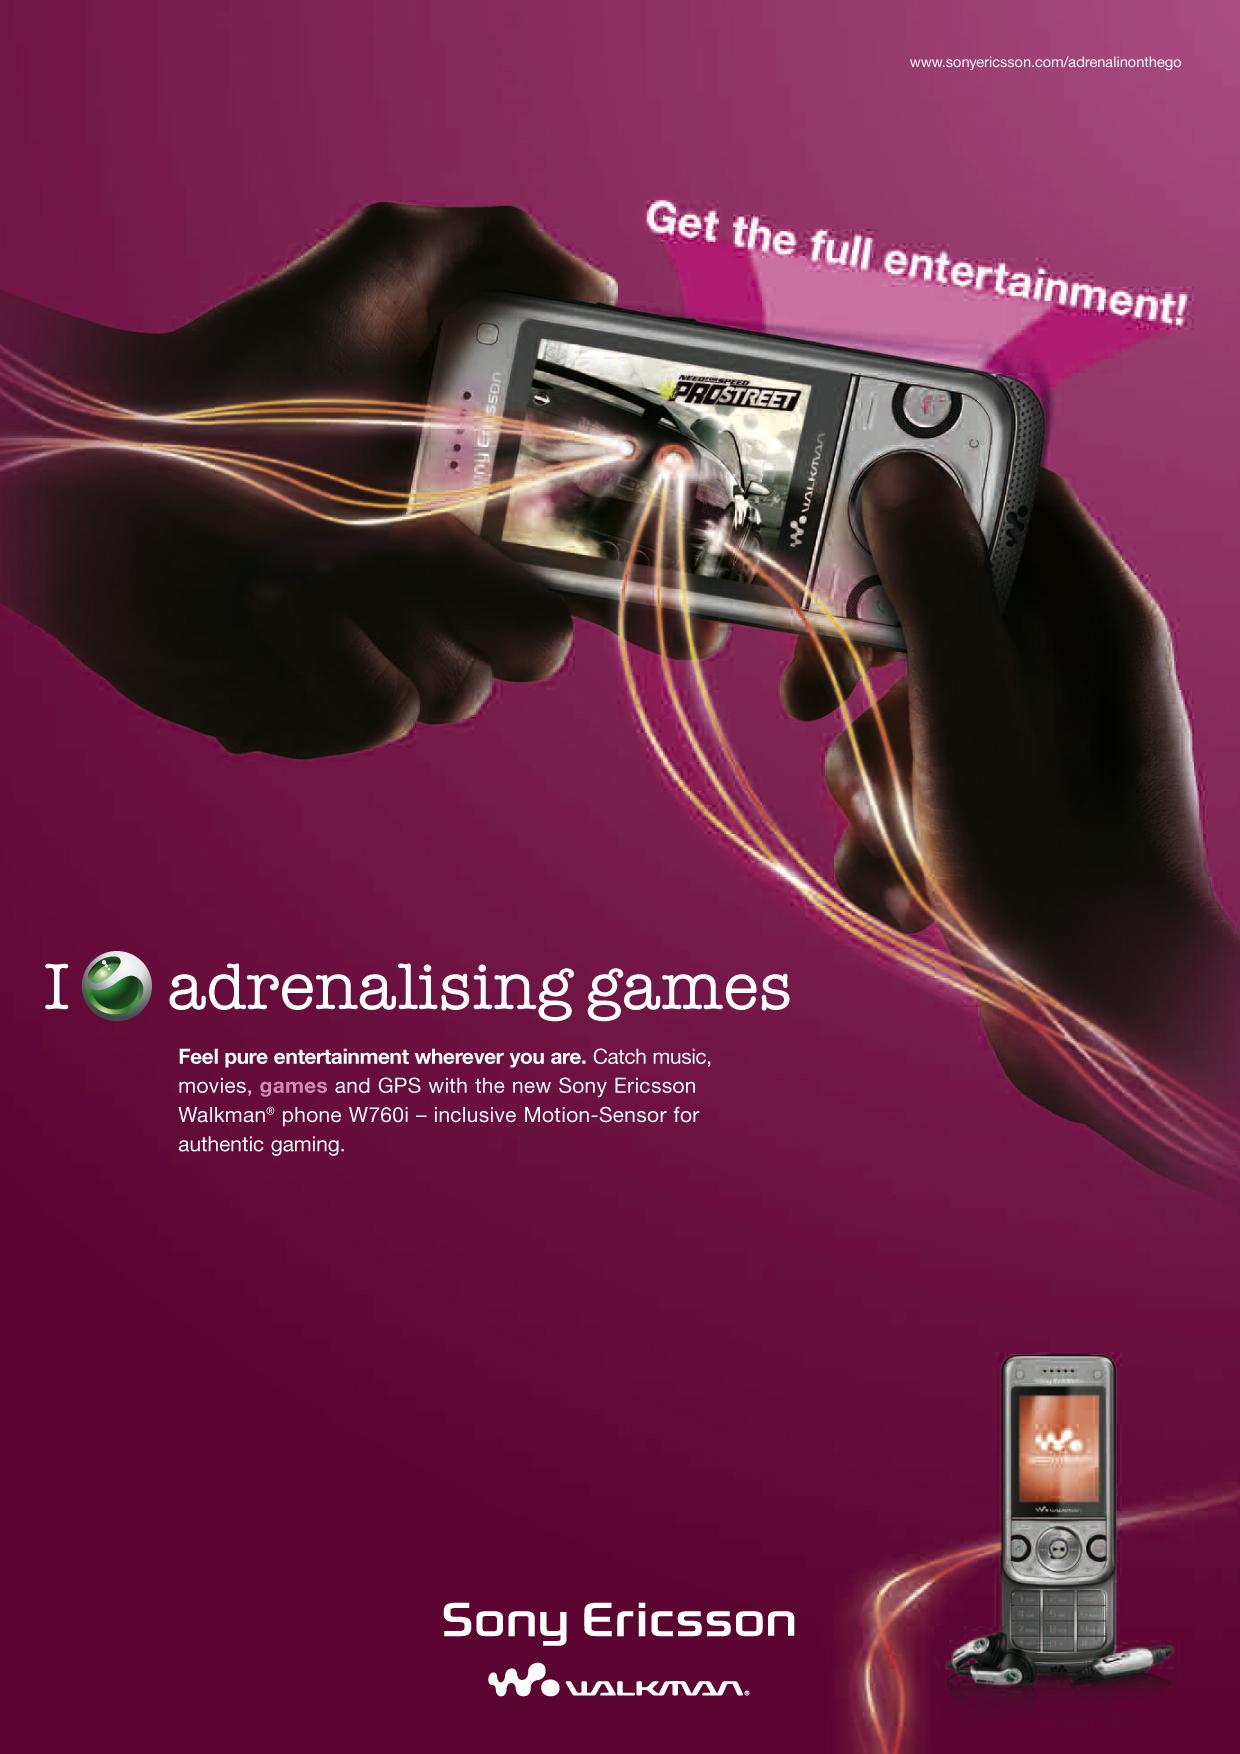 Sony Ericsson POS Plakat 3